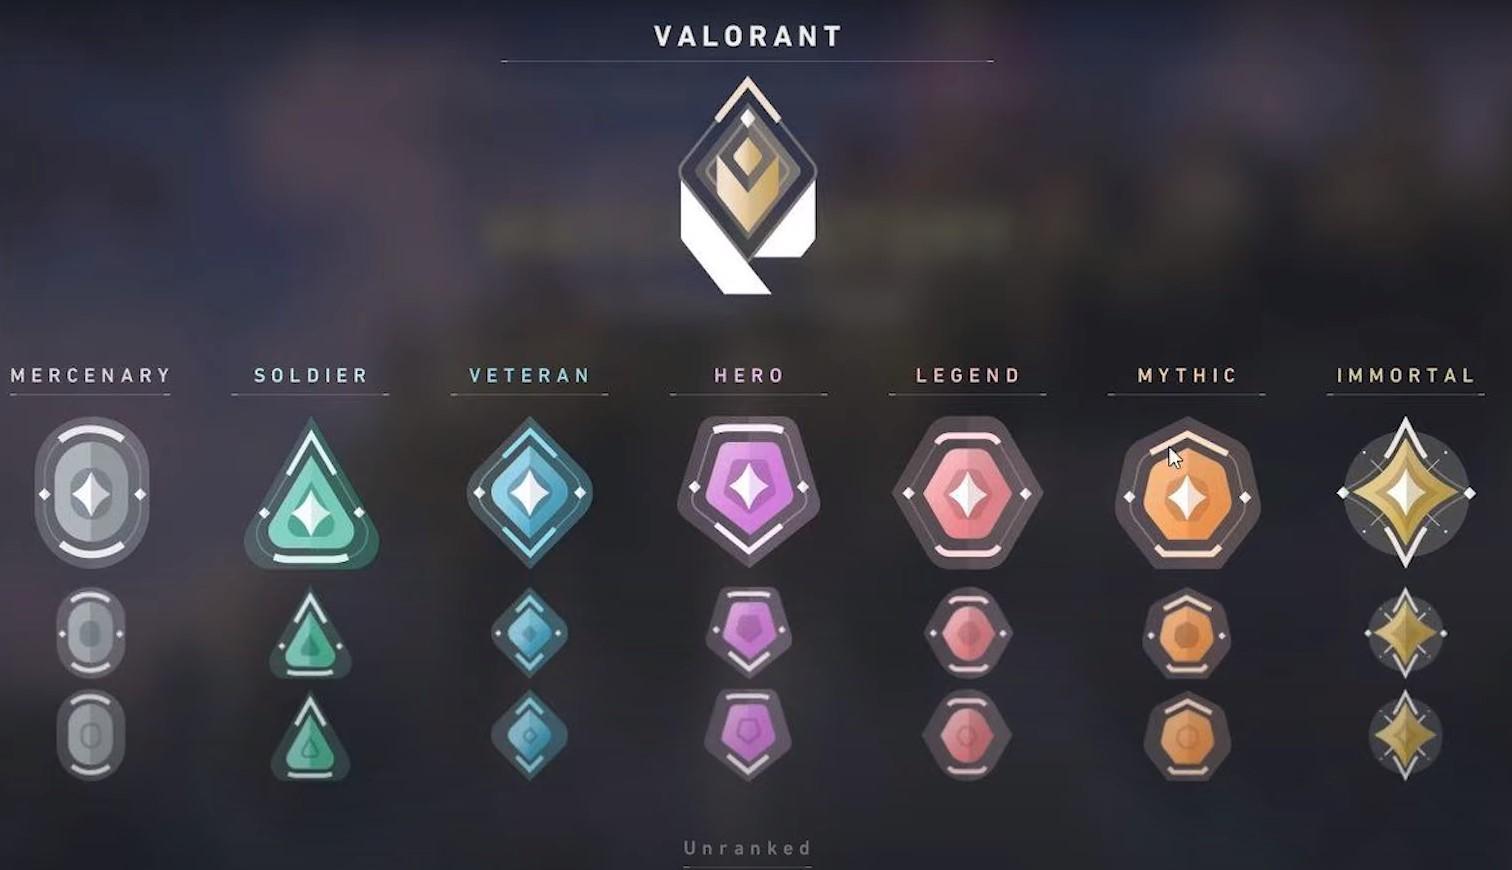 Рейтинг, ранги и звания Valorant